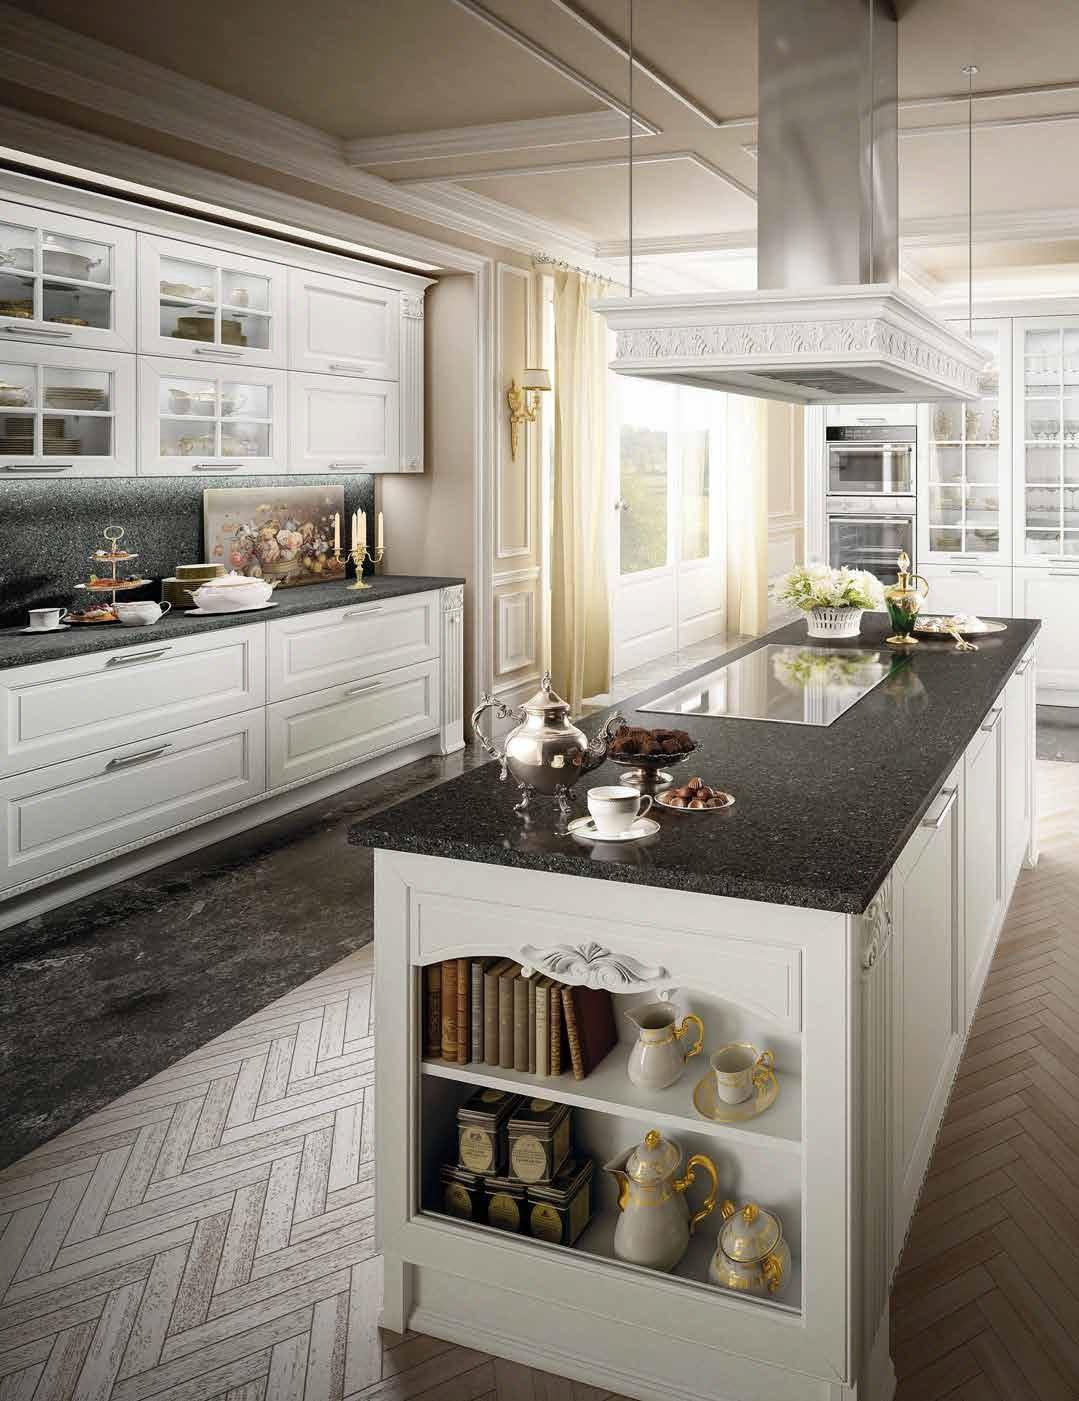 cucina classica con piano in pietra di marmo